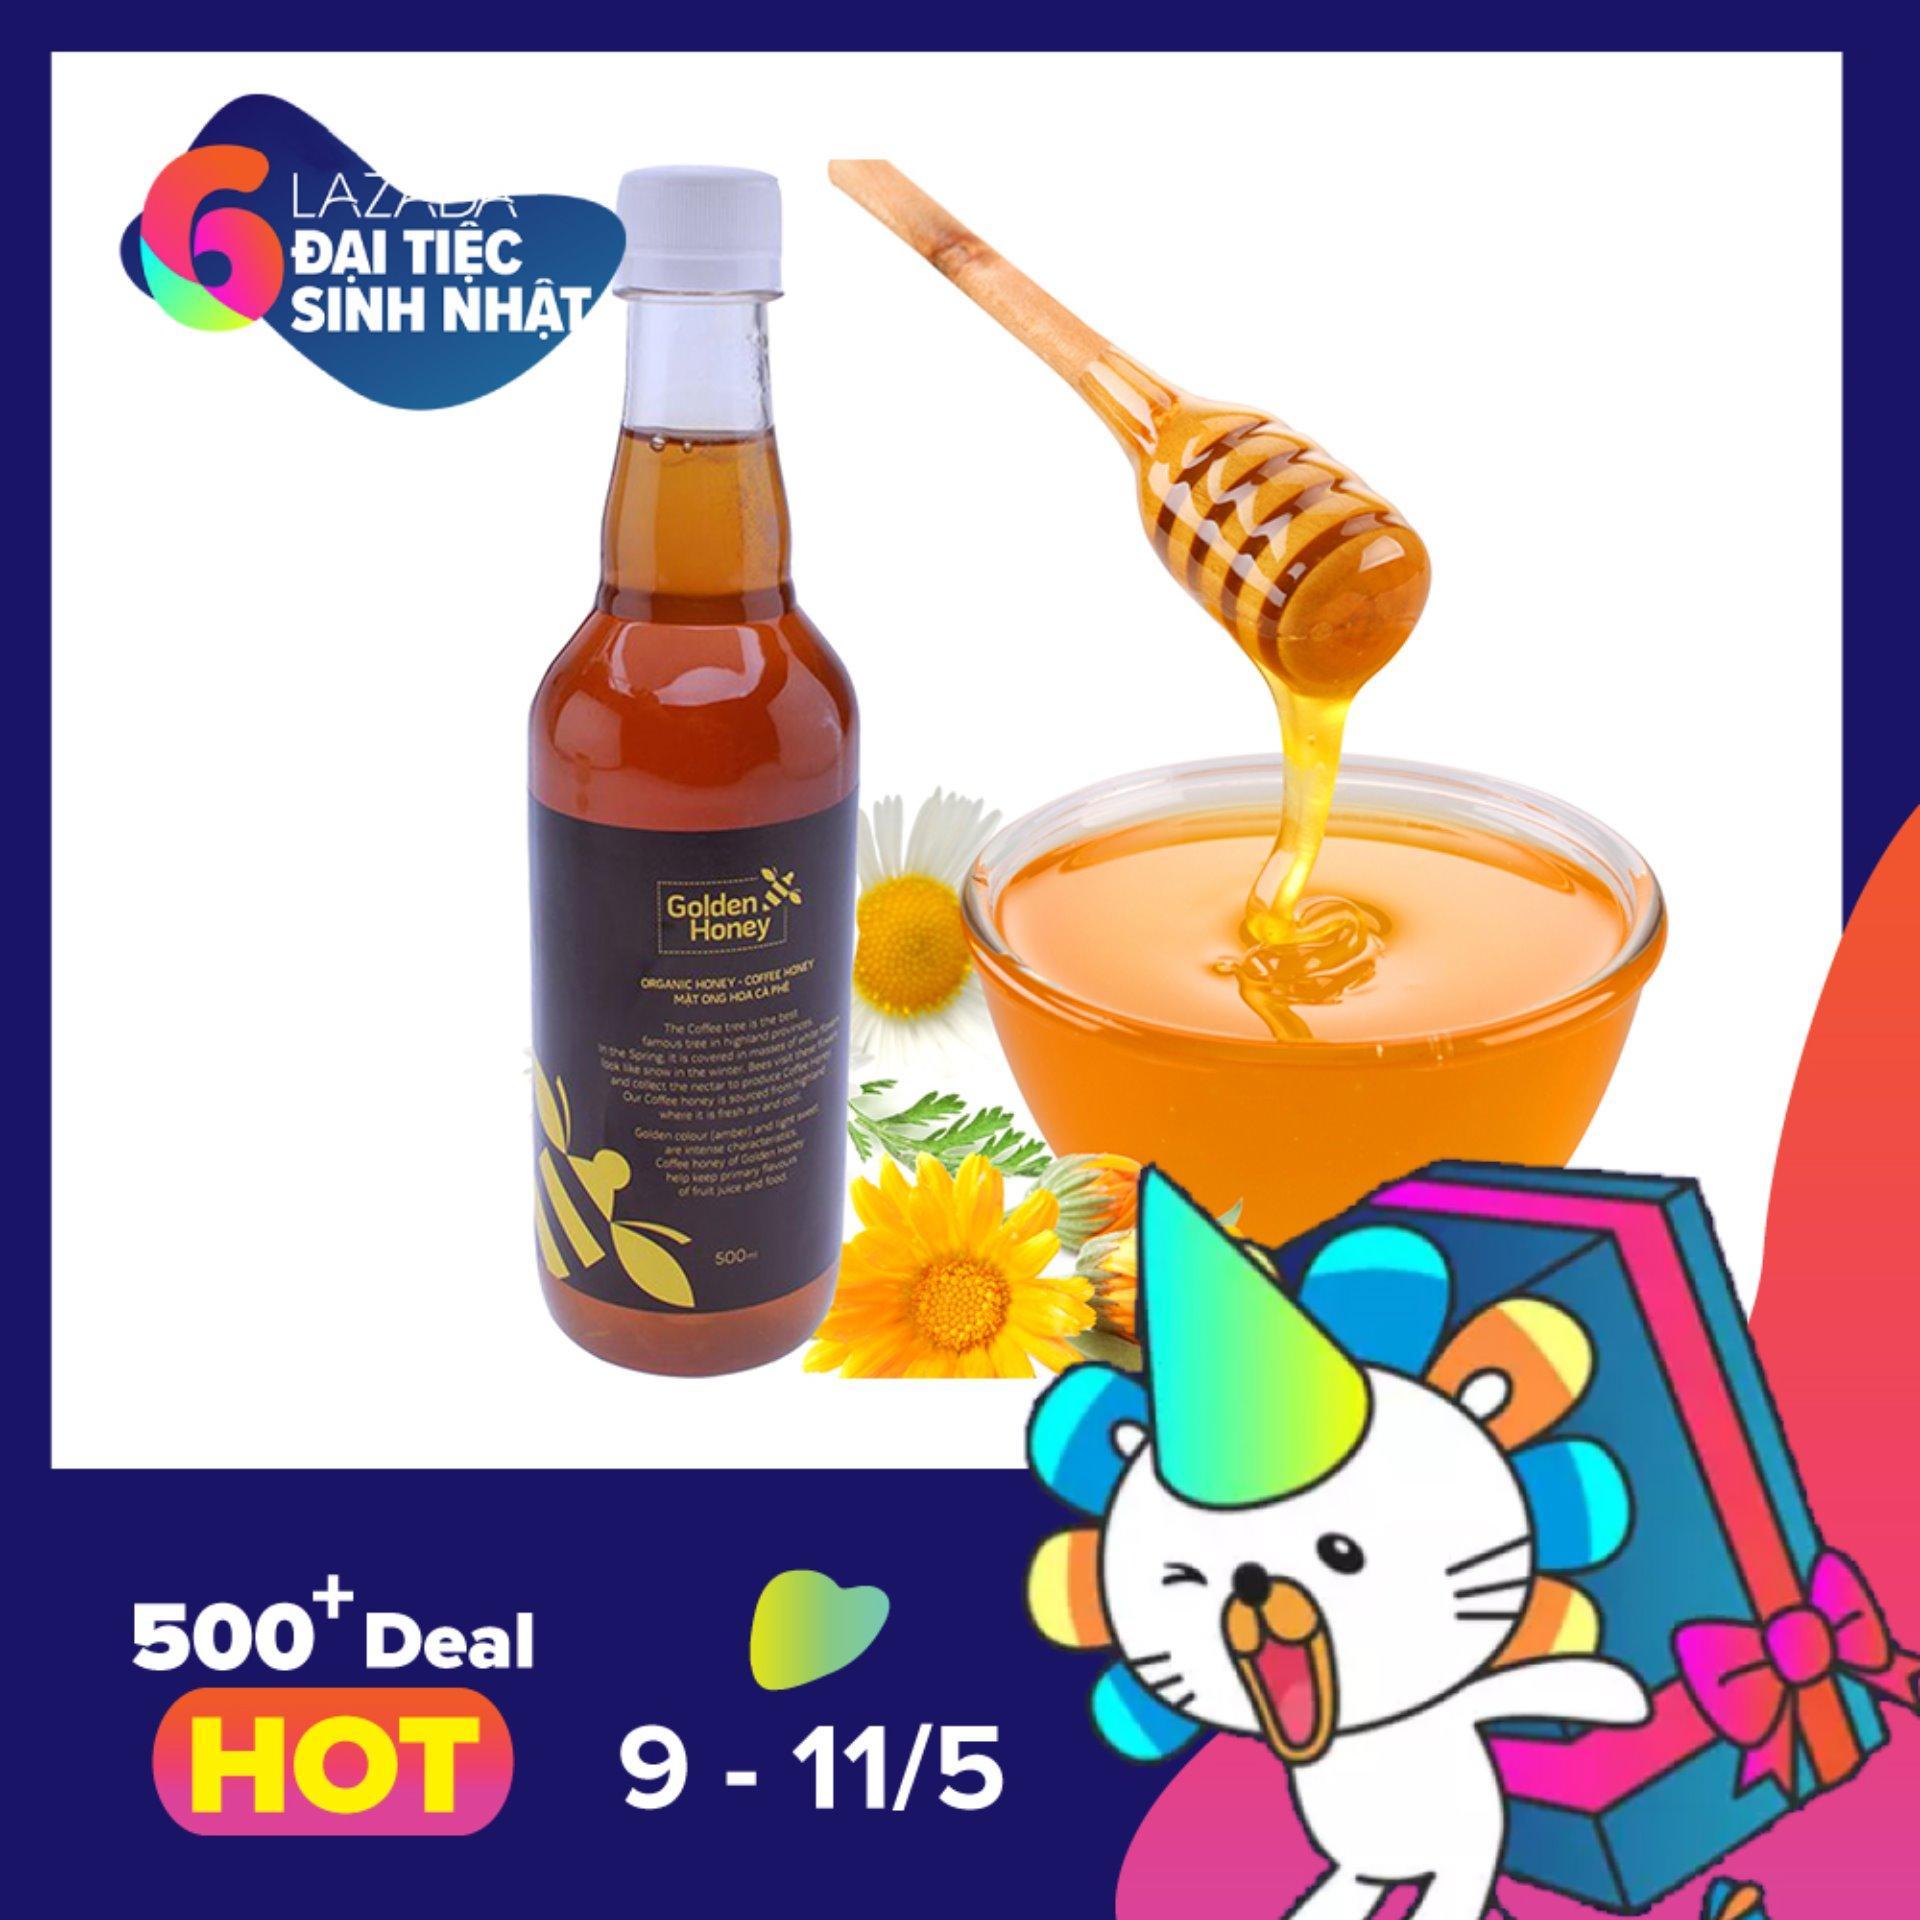 Giá Bán Mật Ong Hoa Ca Phe Golden Honey 500Ml Trực Tuyến Hồ Chí Minh